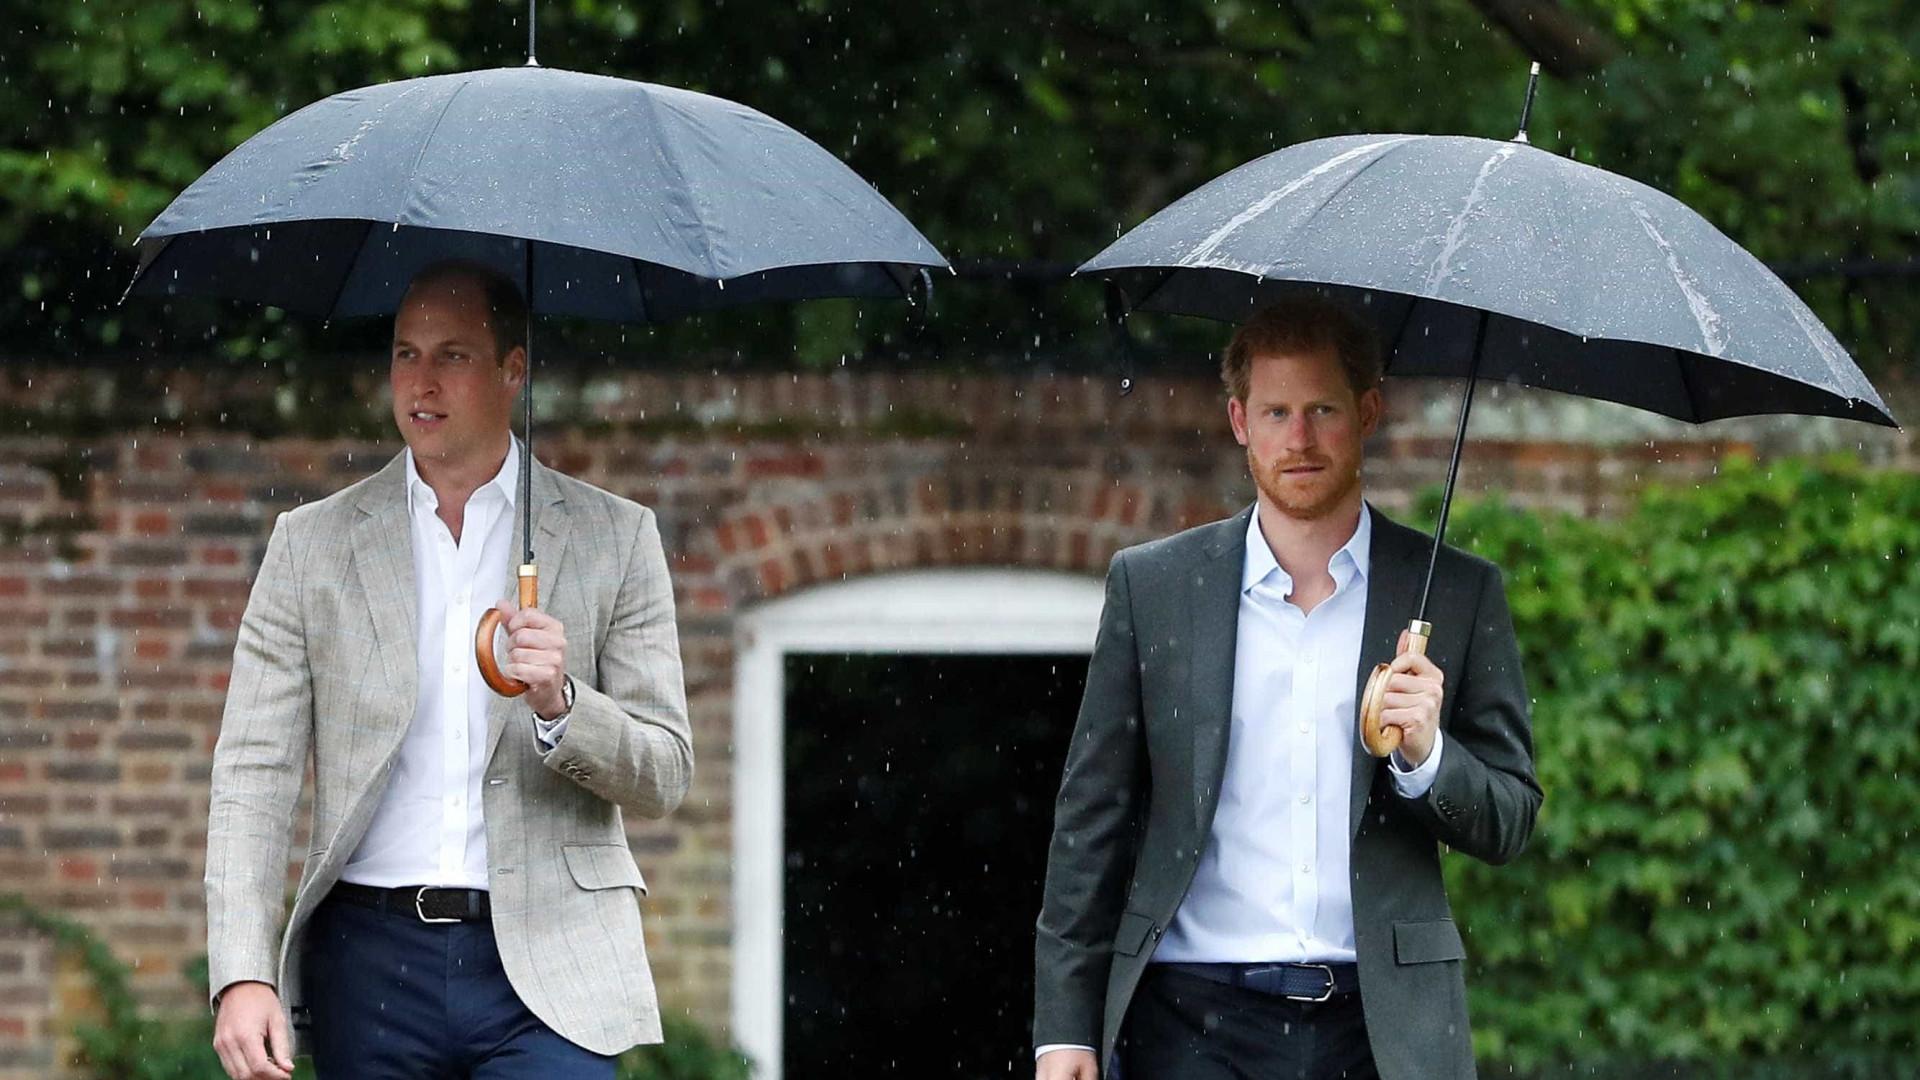 Príncipes Harry e William se reunirão após homenagem a princesa Diana